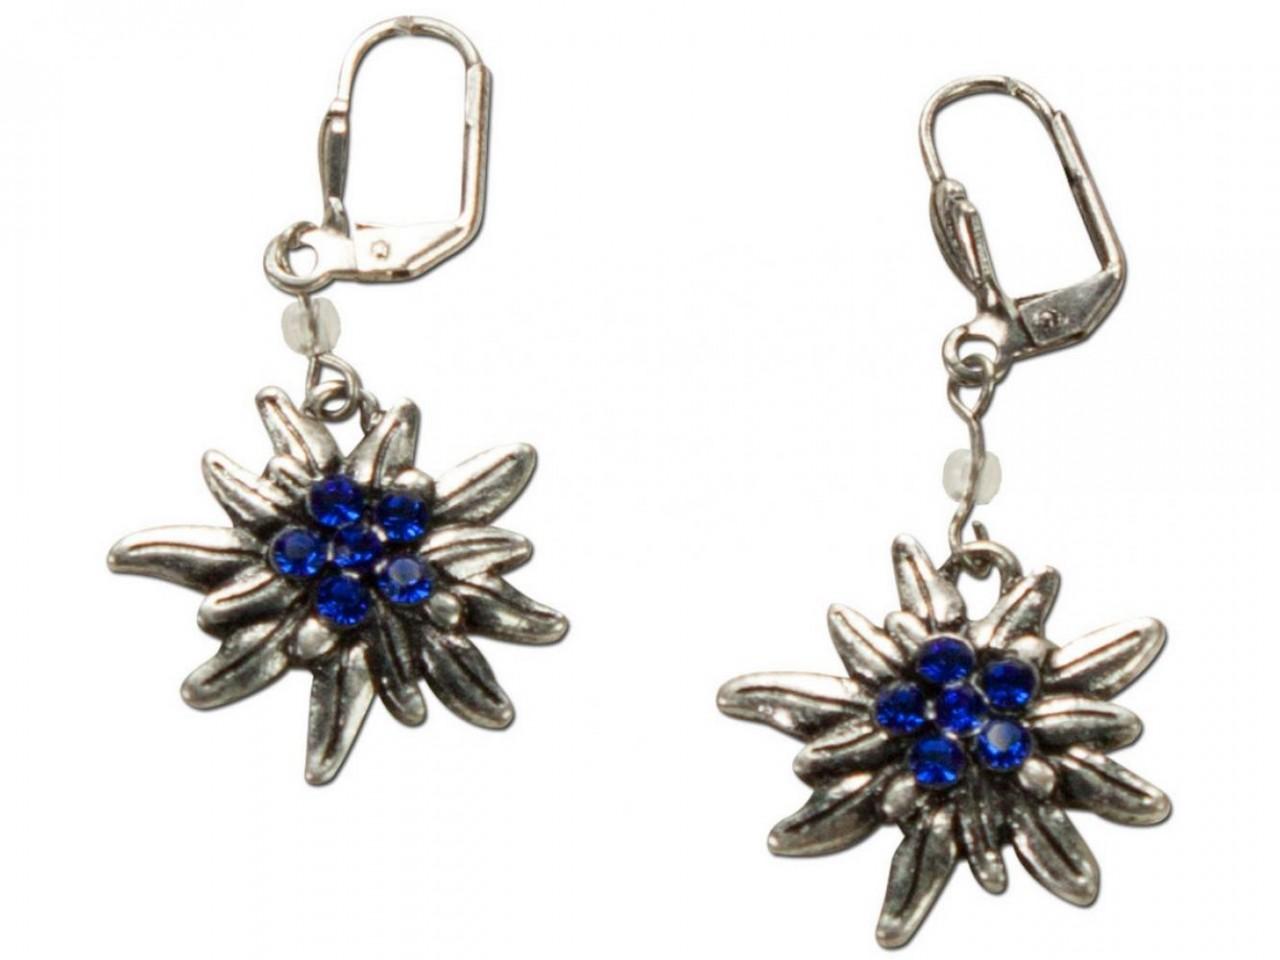 Tradycyjne kolczyki szarotka srebrno-niebieskie